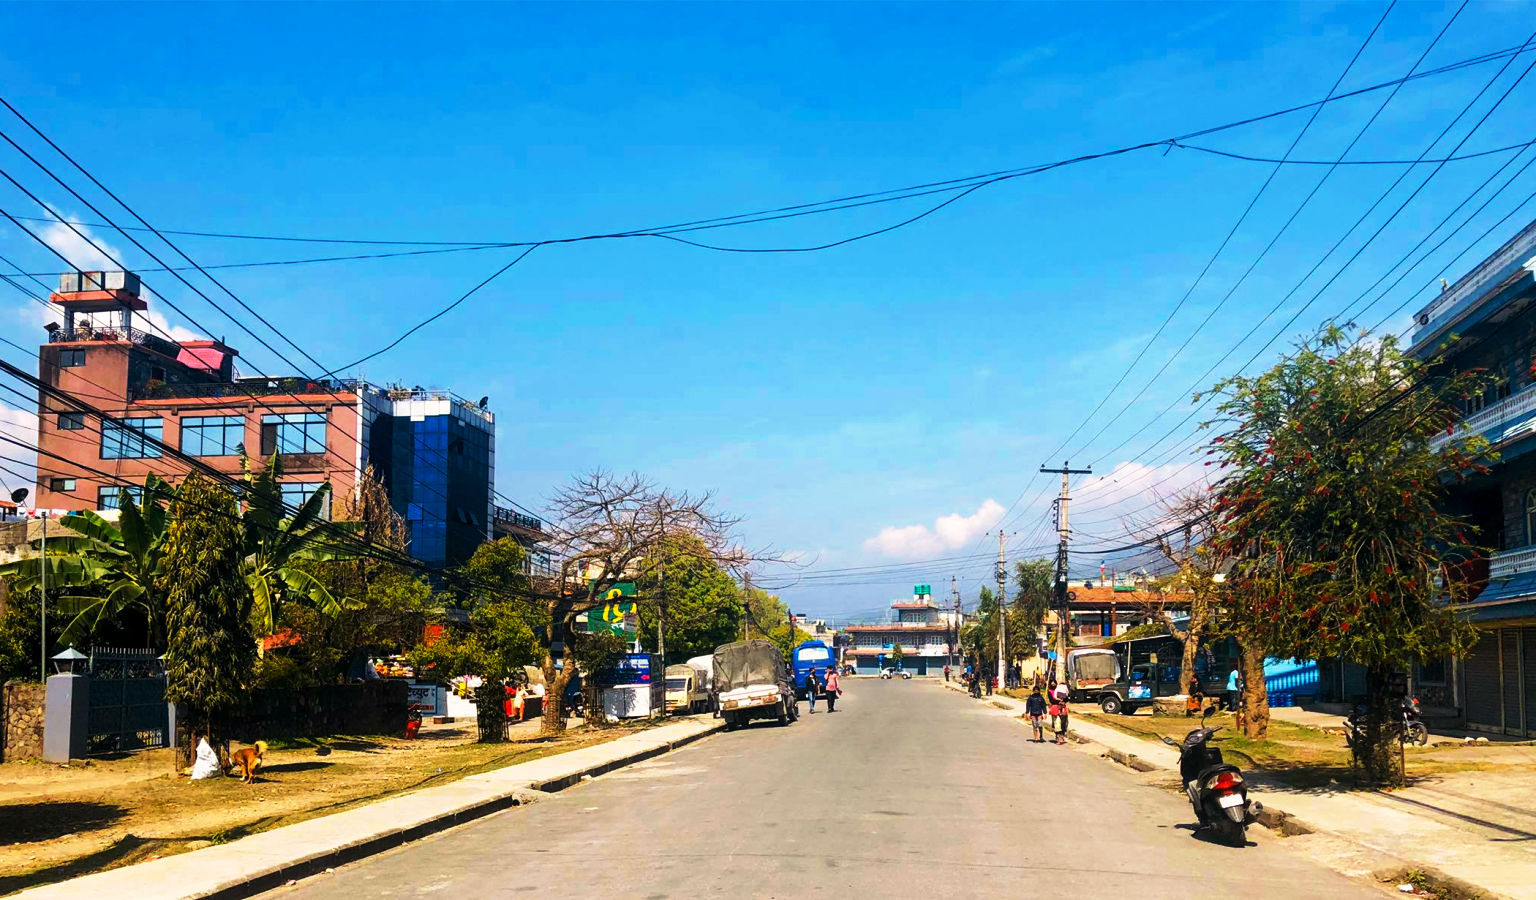 लकडाउनको दोस्रो दिन : सुनसान पोखरा [फोटो फिचर]